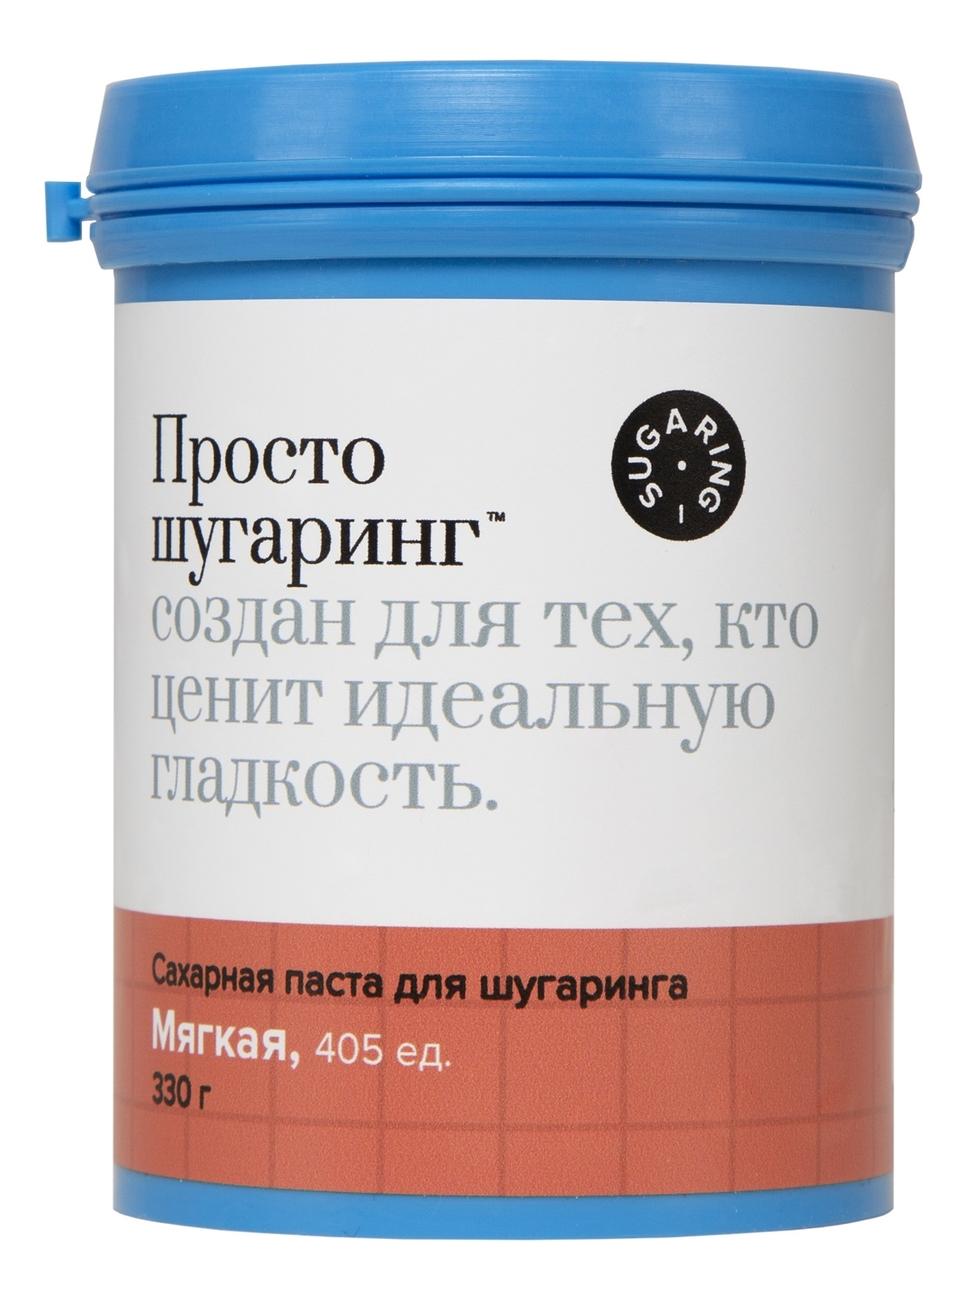 Мягкая сахарная паста для депиляции: Паста 330г аравия шугаринг официальный